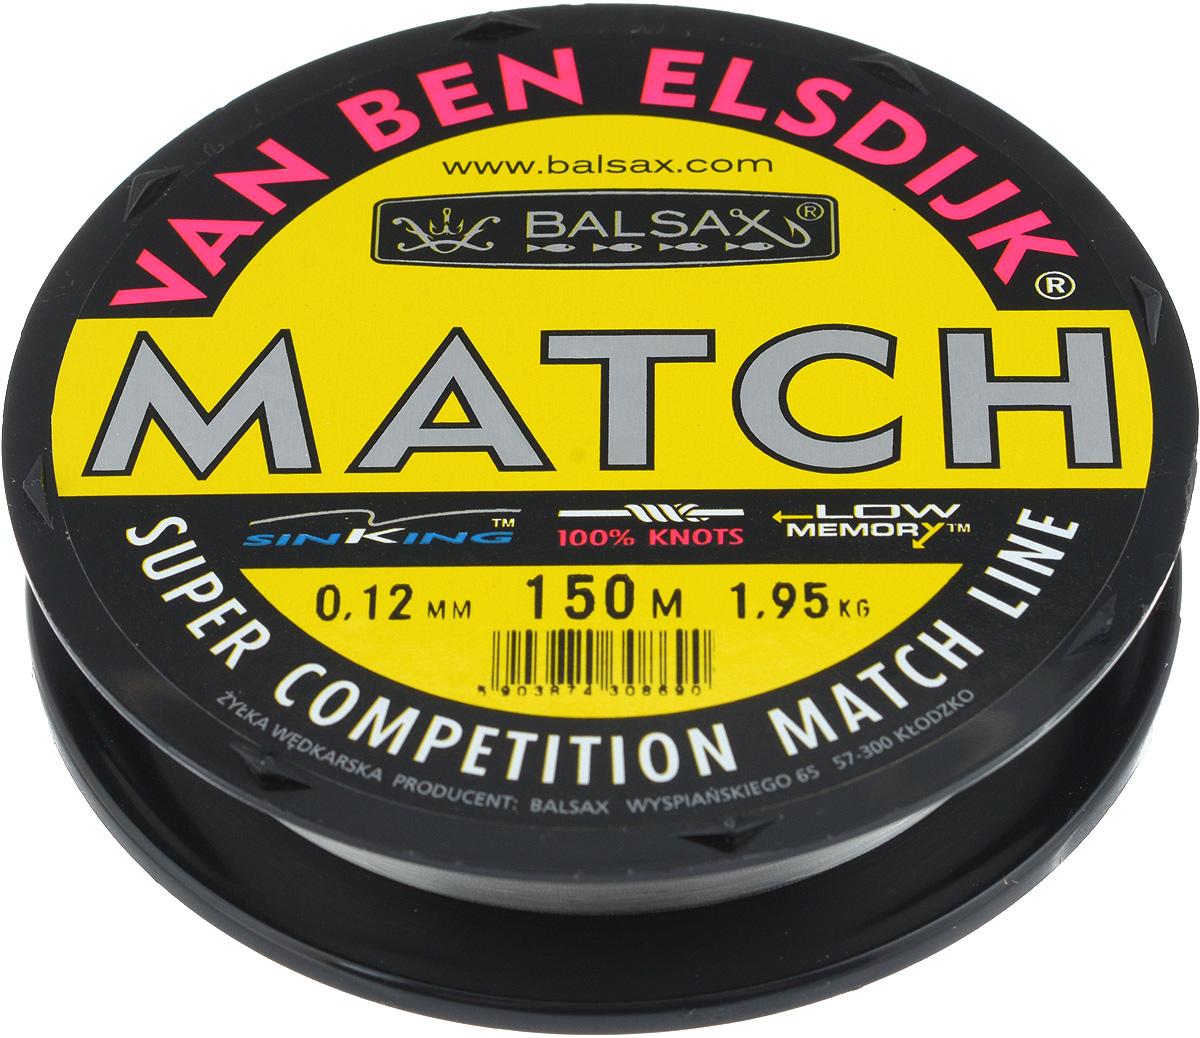 Леска Balsax Match VBE, 150 м, 0,12 мм, 1,95 кг304-10012Опытным спортсменам, участвующим в соревнованиях, нужна надежная леска, в которой можно быть уверенным в любой ситуации. Леска Balsax Match VBE отличается замечательной прочностью на узле и высокой сопротивляемостью к истиранию. Она была проверена на склонность к остаточным деформациям, чтобы убедиться в том, что она обладает наиболее подходящей растяжимостью, отвечая самым строгим требованиям рыболовов. Такая леска отлично подходит как для спортивного, так и для любительского рыболовства.